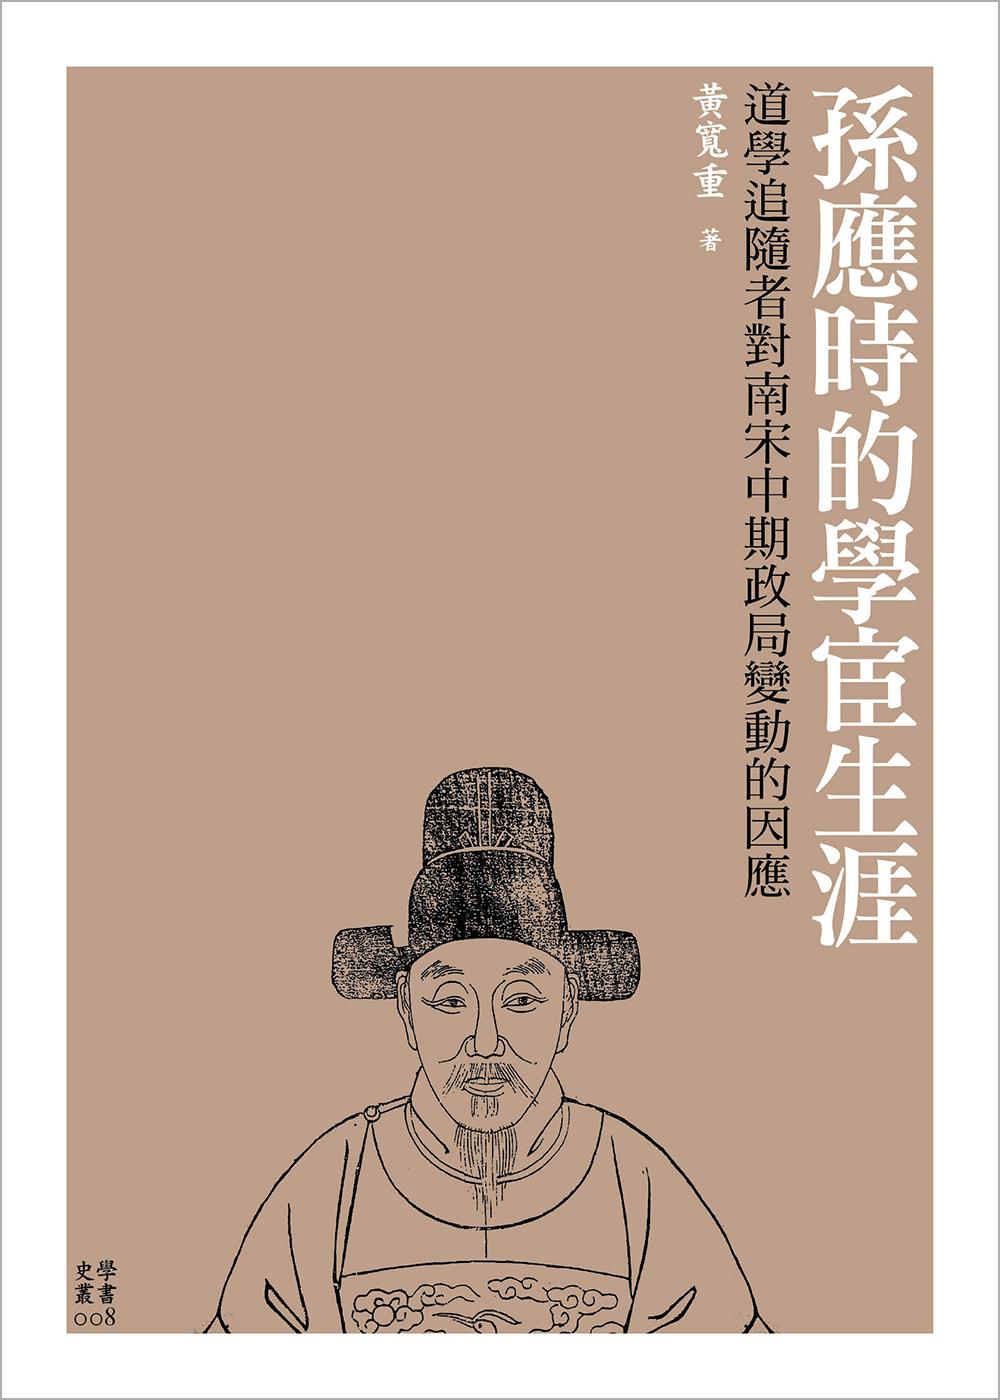 孫應時的學宦生涯──道學追隨者對南宋中期政局變動的因應